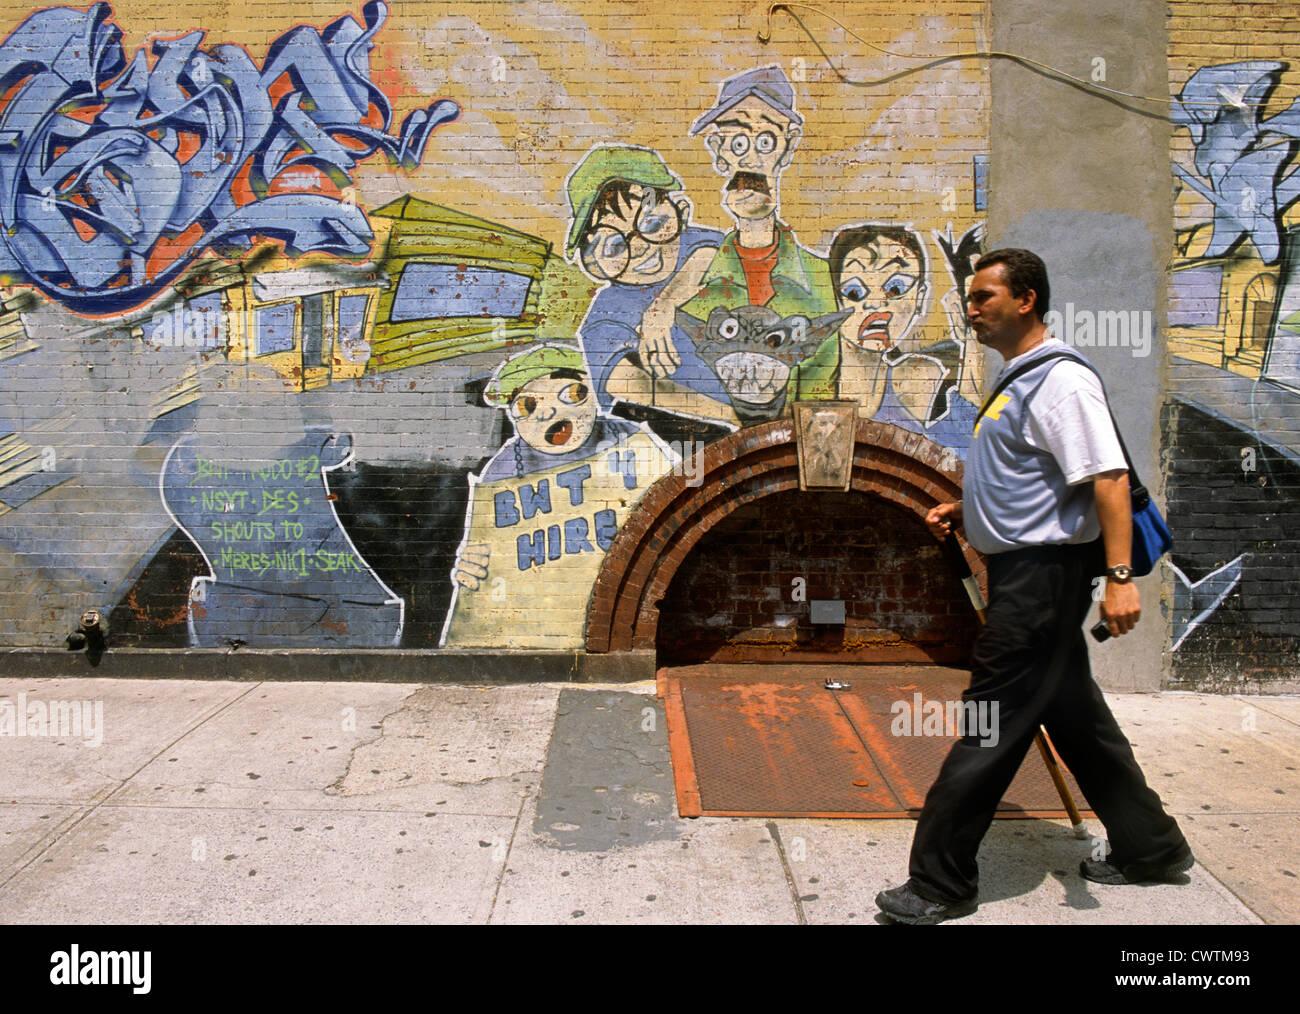 New York East Harlem Espagnol Peinture Murale Graffiti Dans